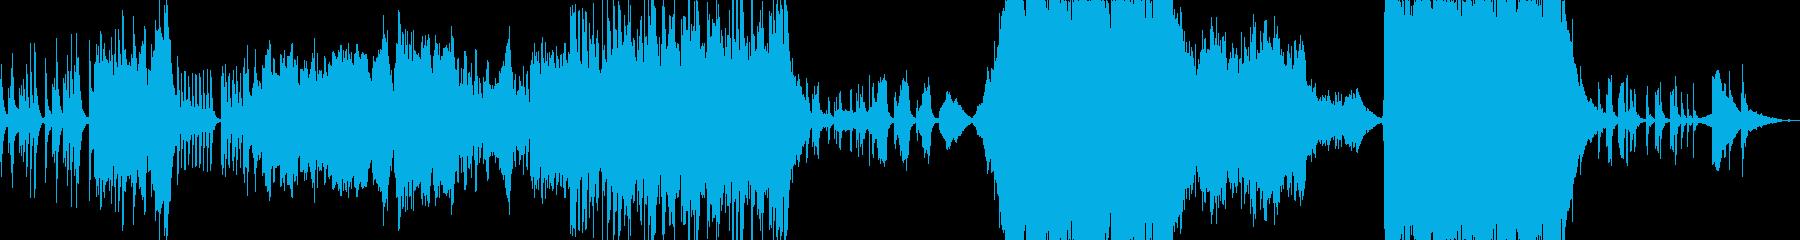 純朴で壮大なオーケストラ曲の再生済みの波形